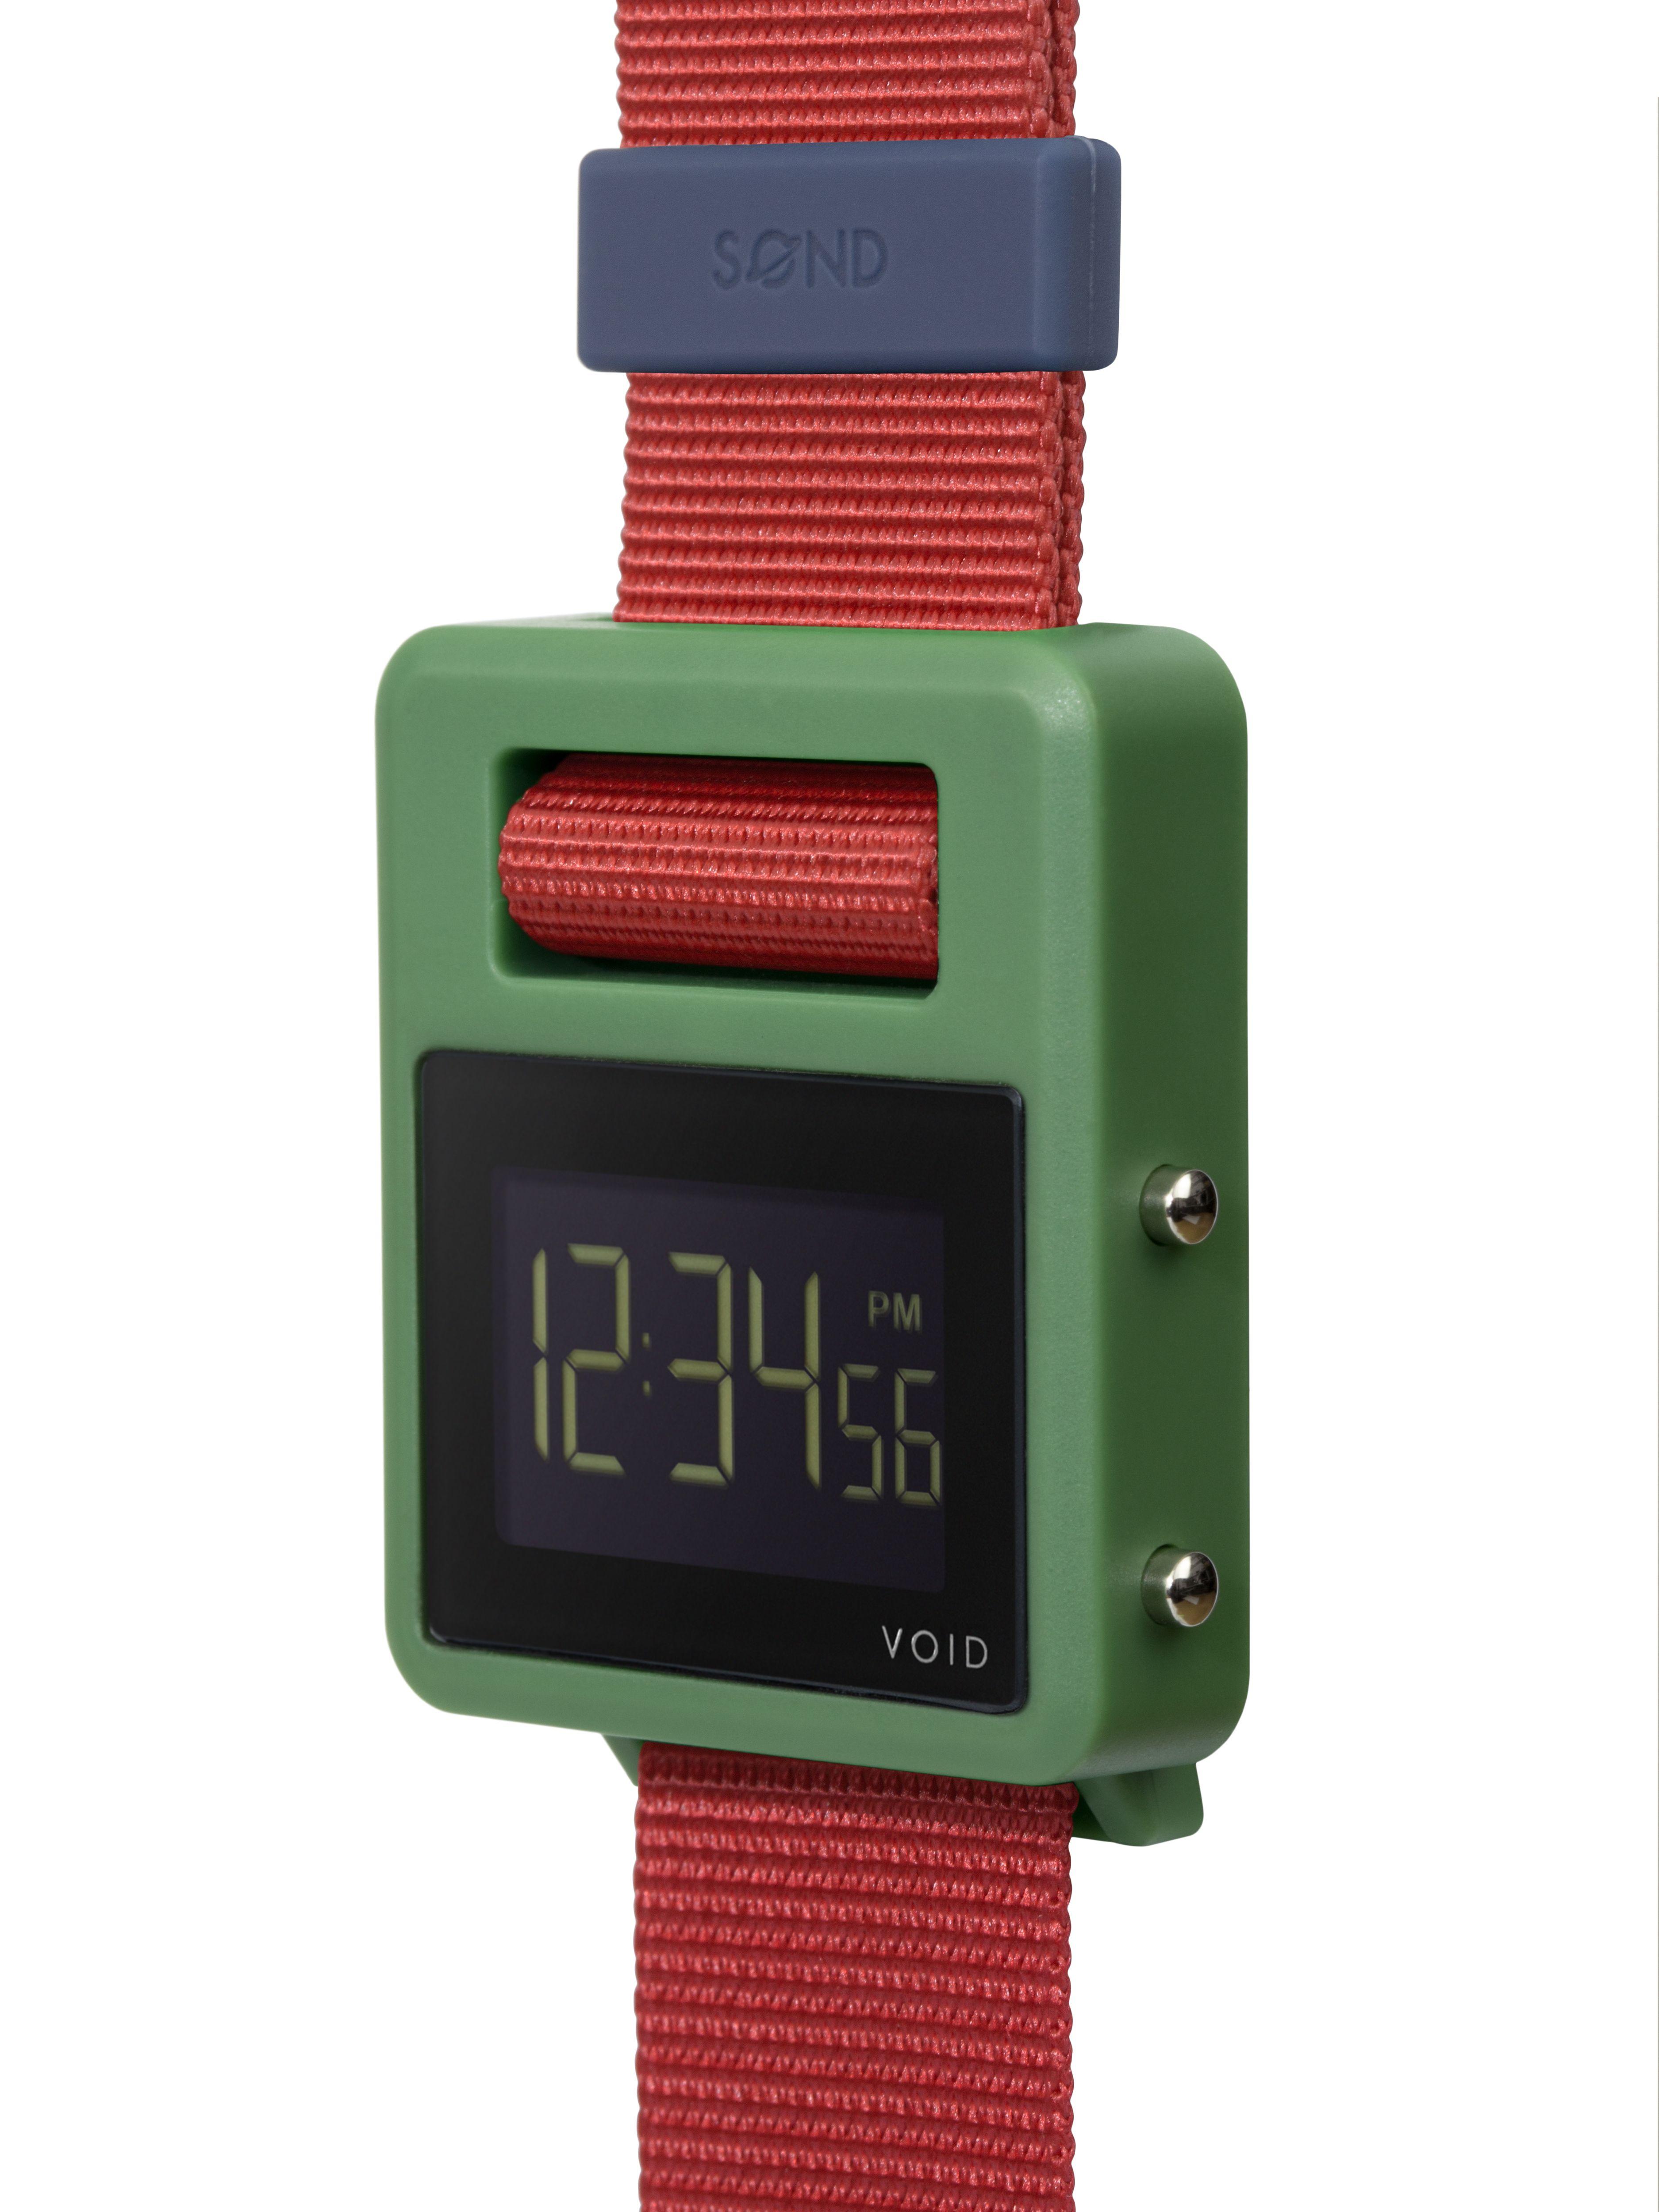 VOID Watches / SOND by VOID Watches - GRN